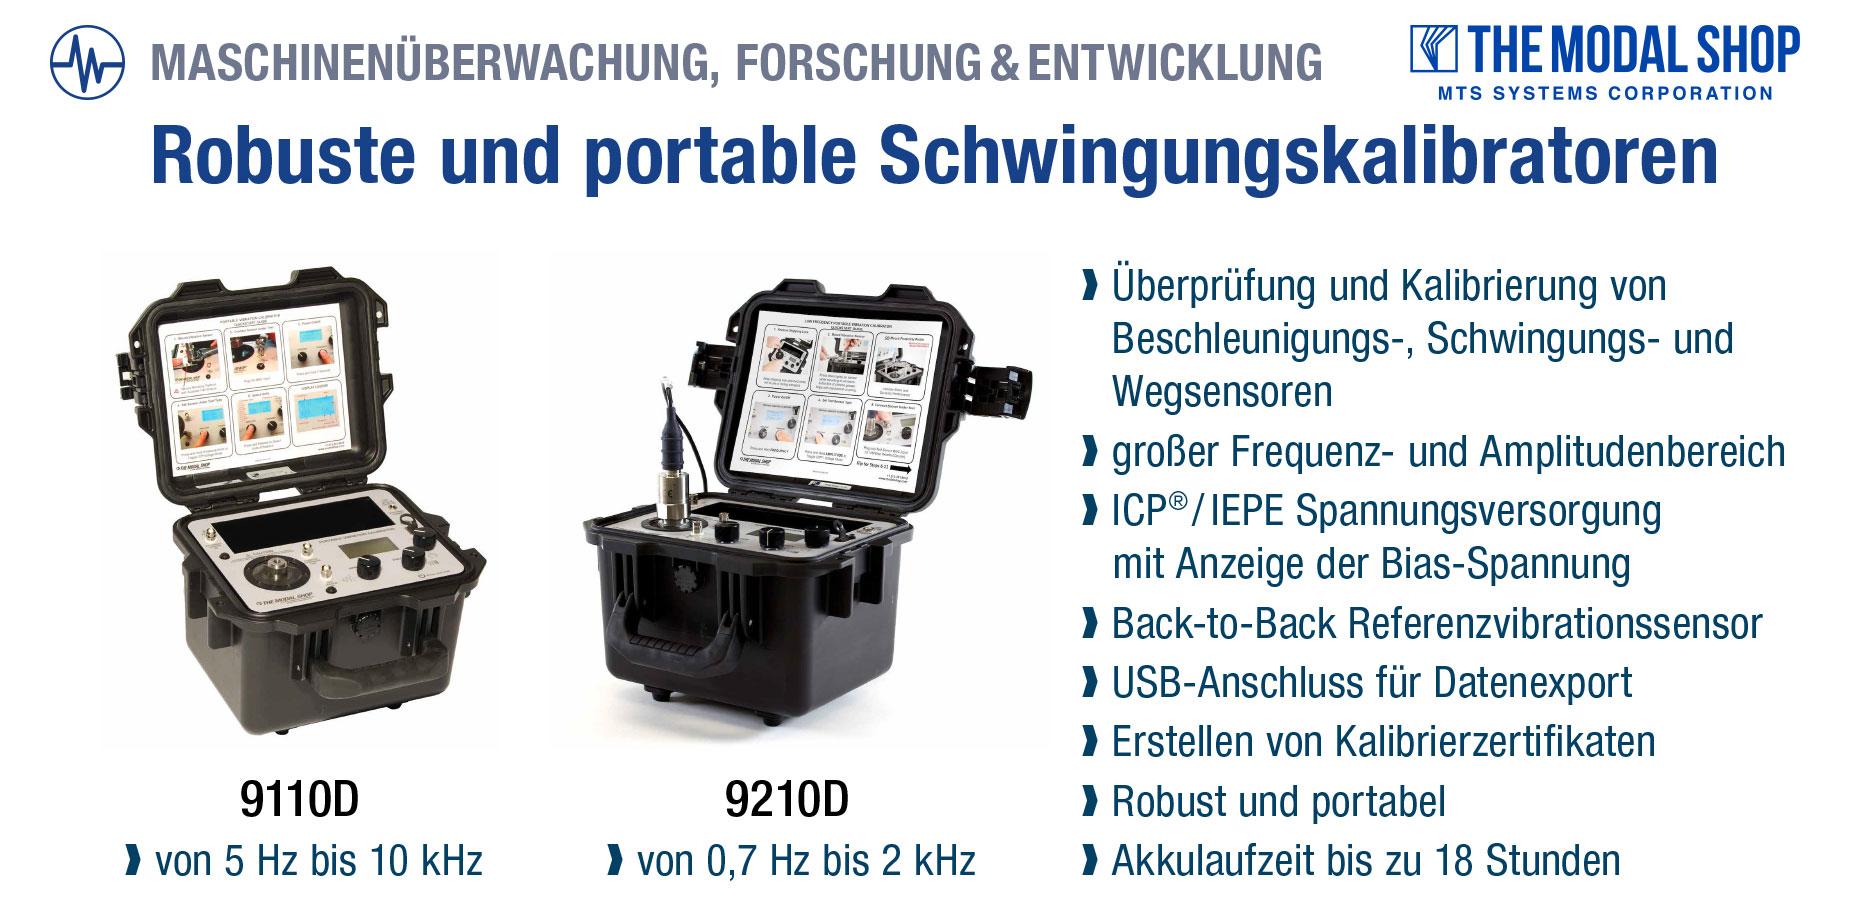 The Modal Shop - Robuste und portable Schwingungskalibratoren